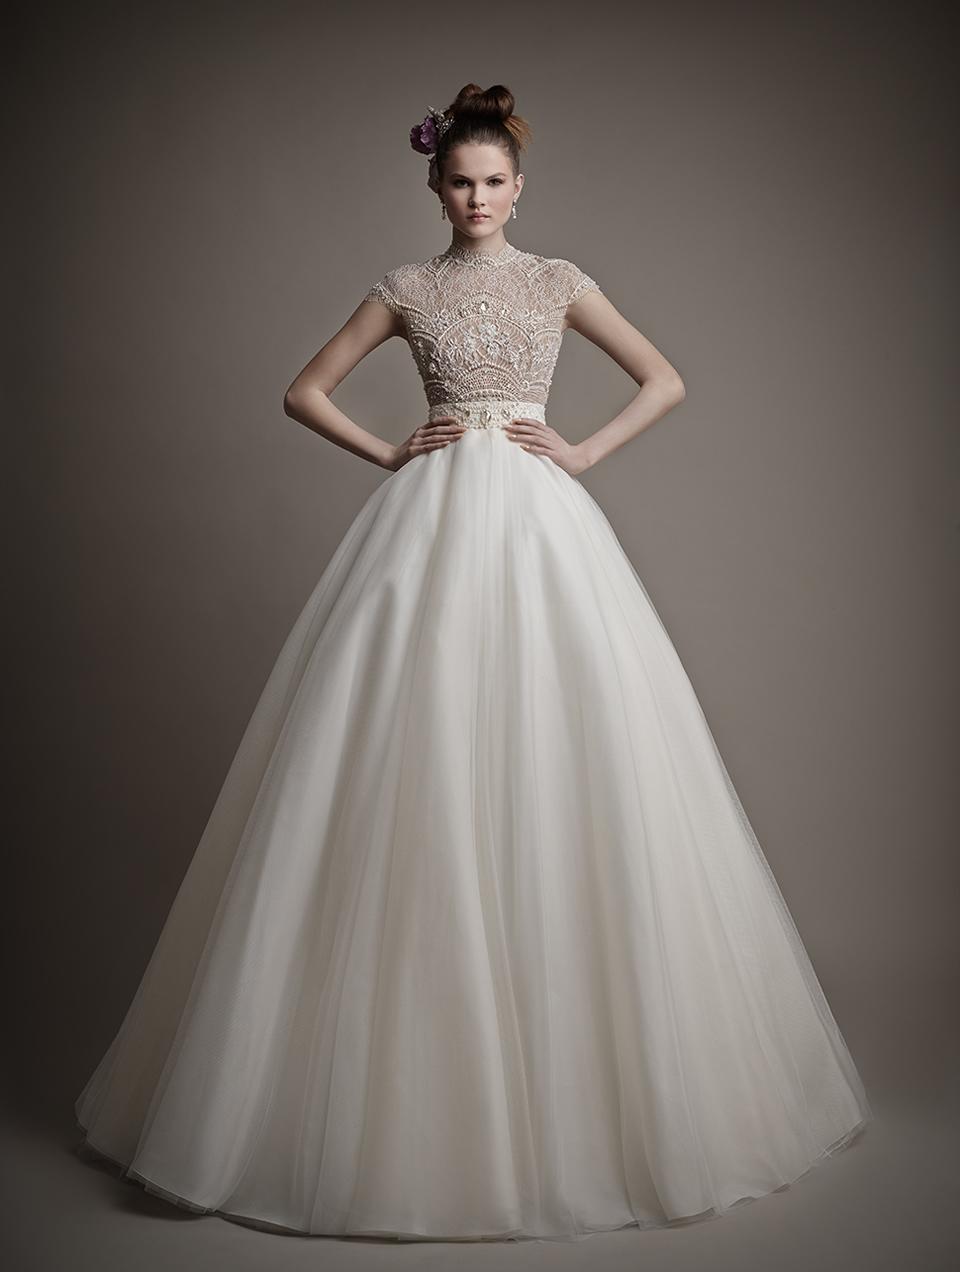 Коллекция свадебных платьев 2015 года от Ersa Atelier11